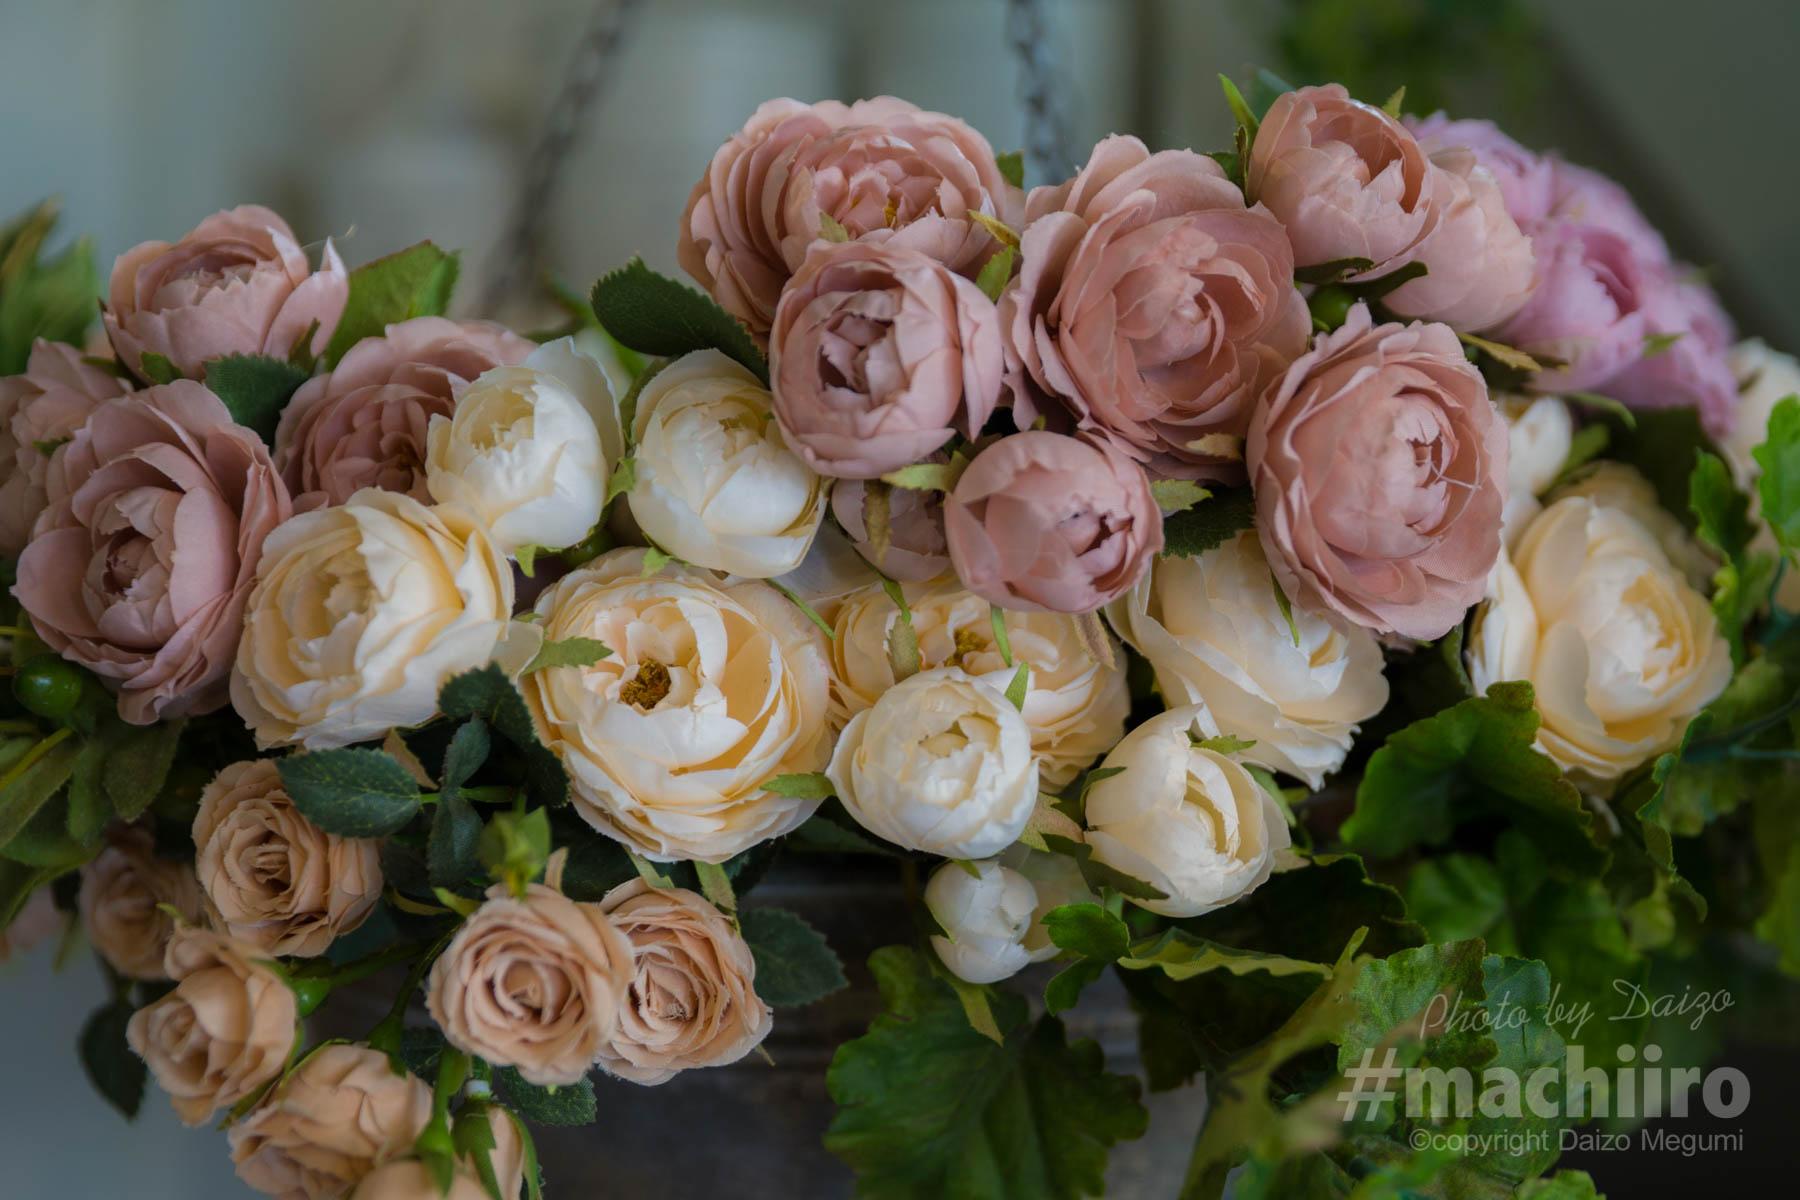 ガーデンガーデンさんで写したバラの写真